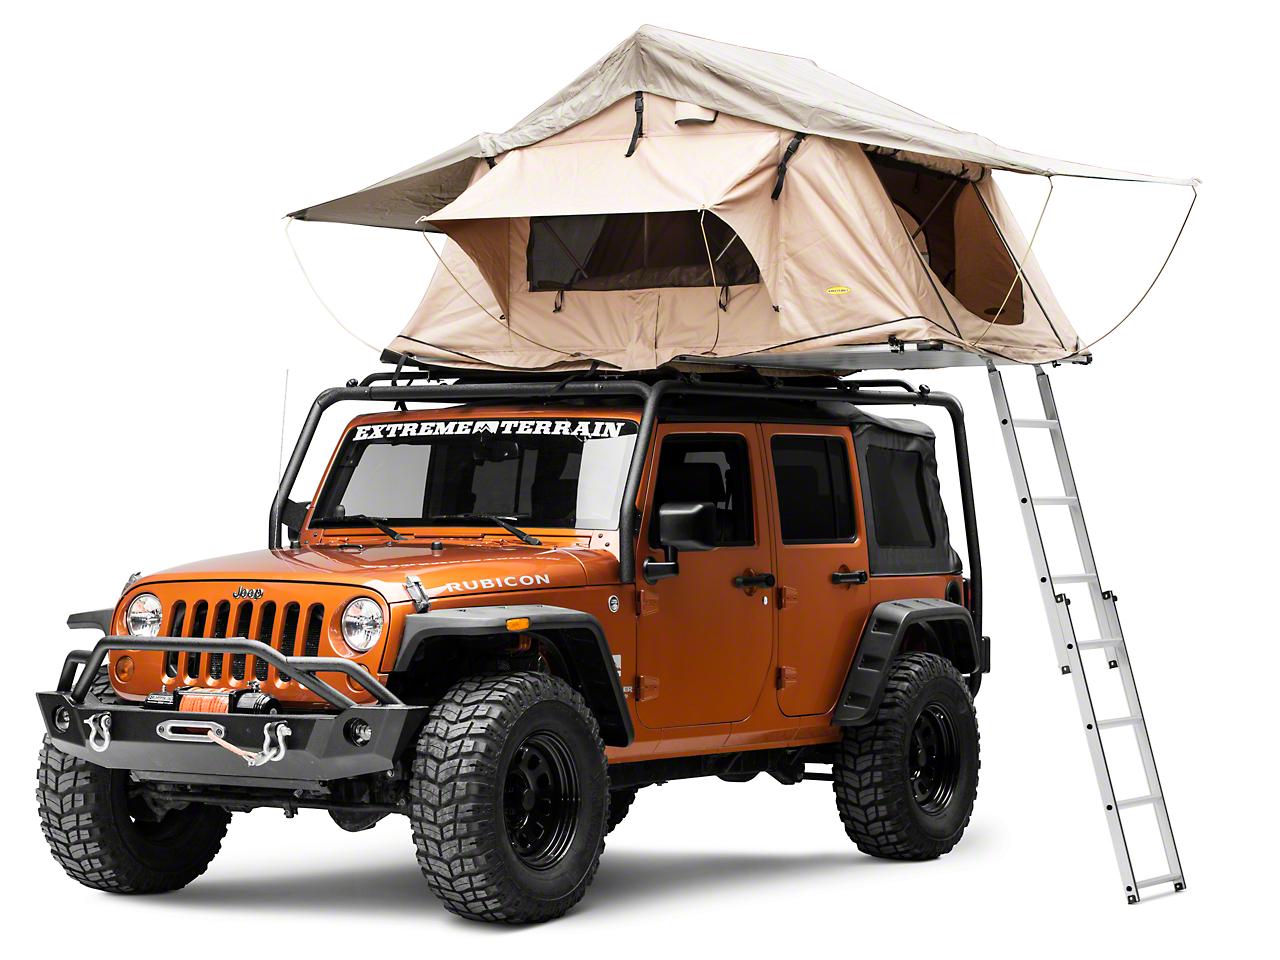 Smittybilt Overlander Roof Tent (87-17 Wrangler YJ, TJ & JK)